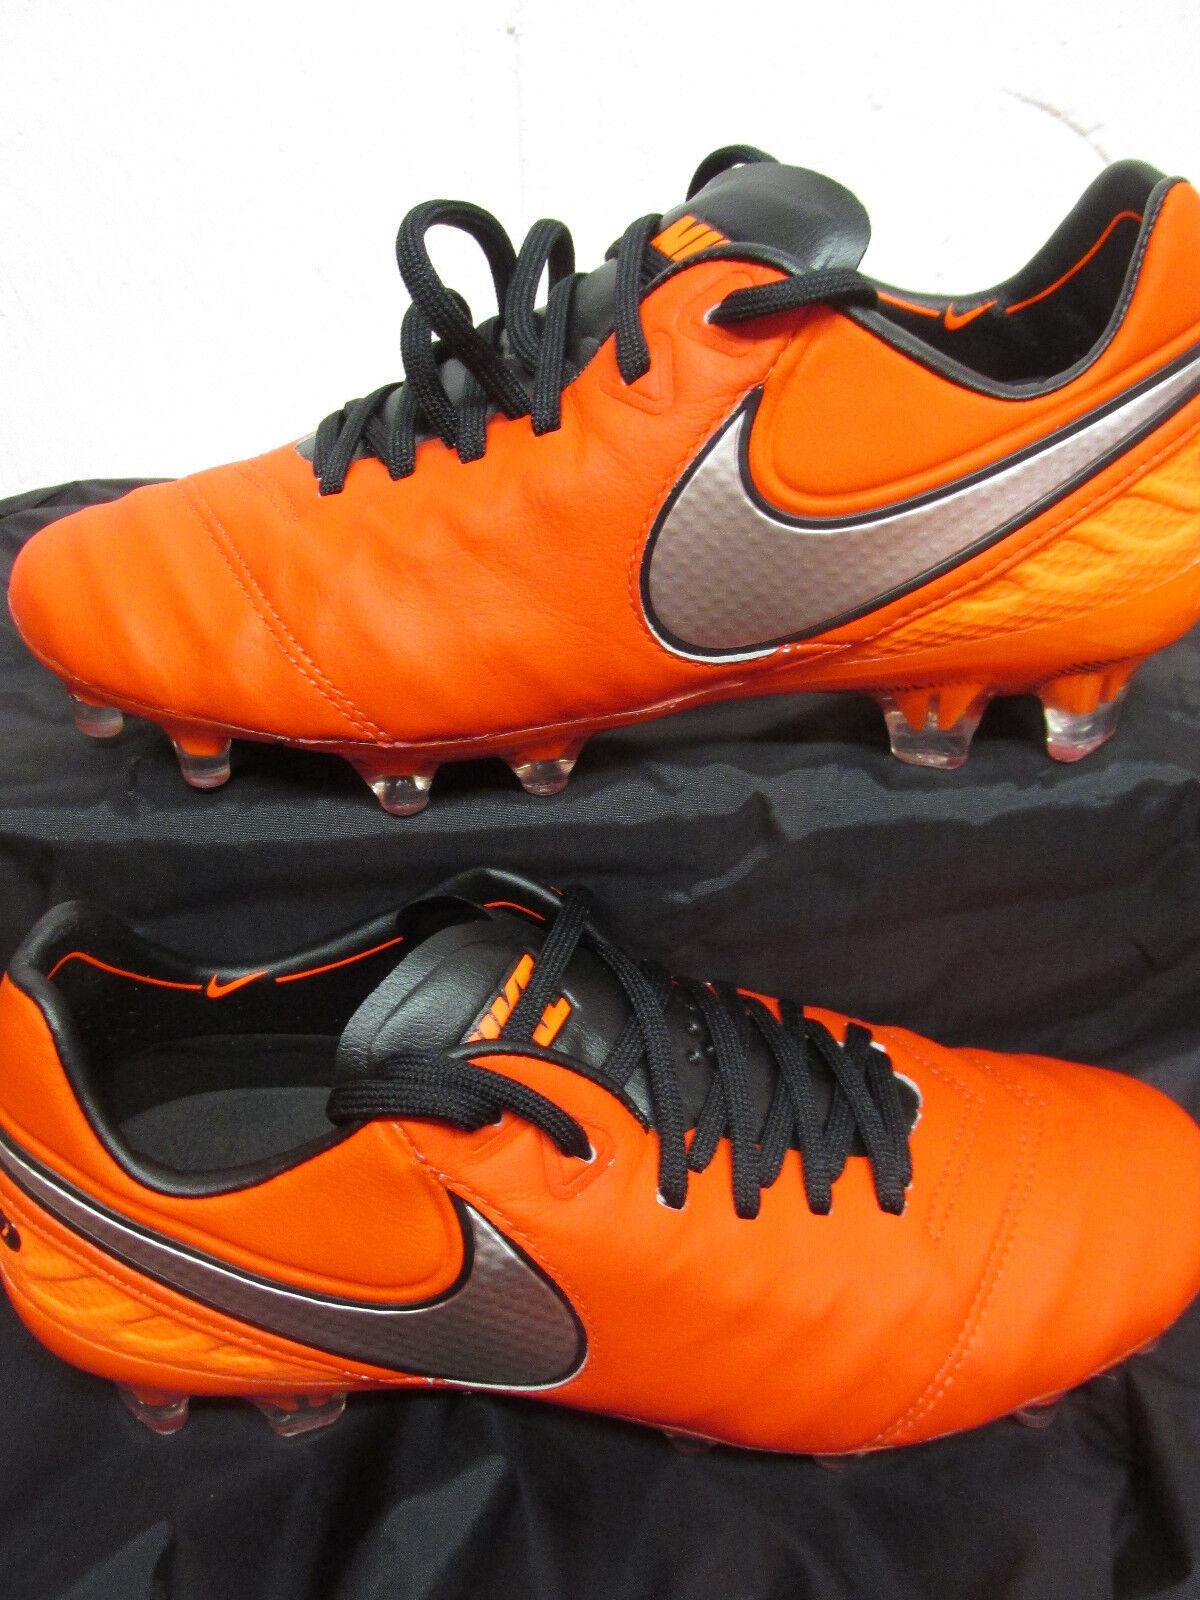 Zapatos Nike PROFESSIONALI Tiempo Legend VI FG 819177-608 CALCIO PROFESSIONALI Nike  ARANCIONE 3a0a96